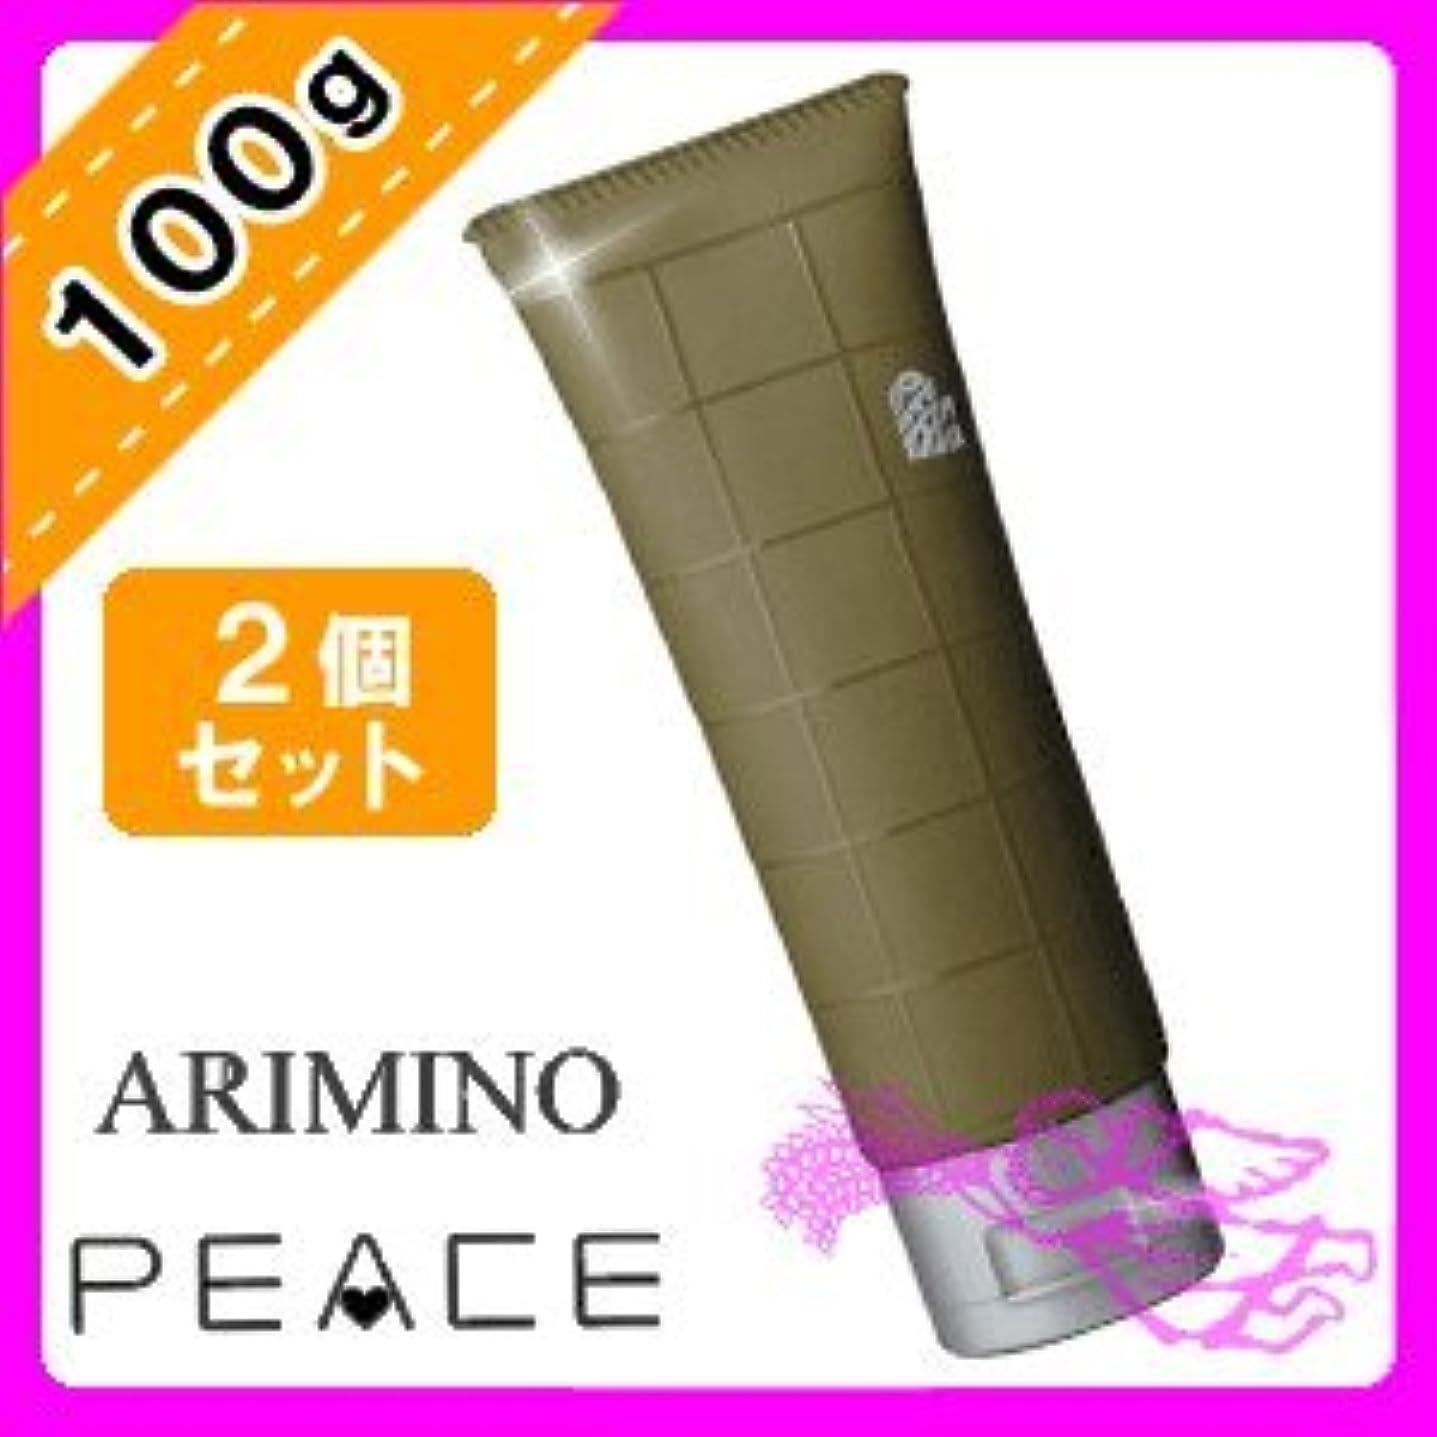 ハイライトリングステップアリミノ ピース ウェットオイル ワックス 100g ×2個セット arimino PEACE